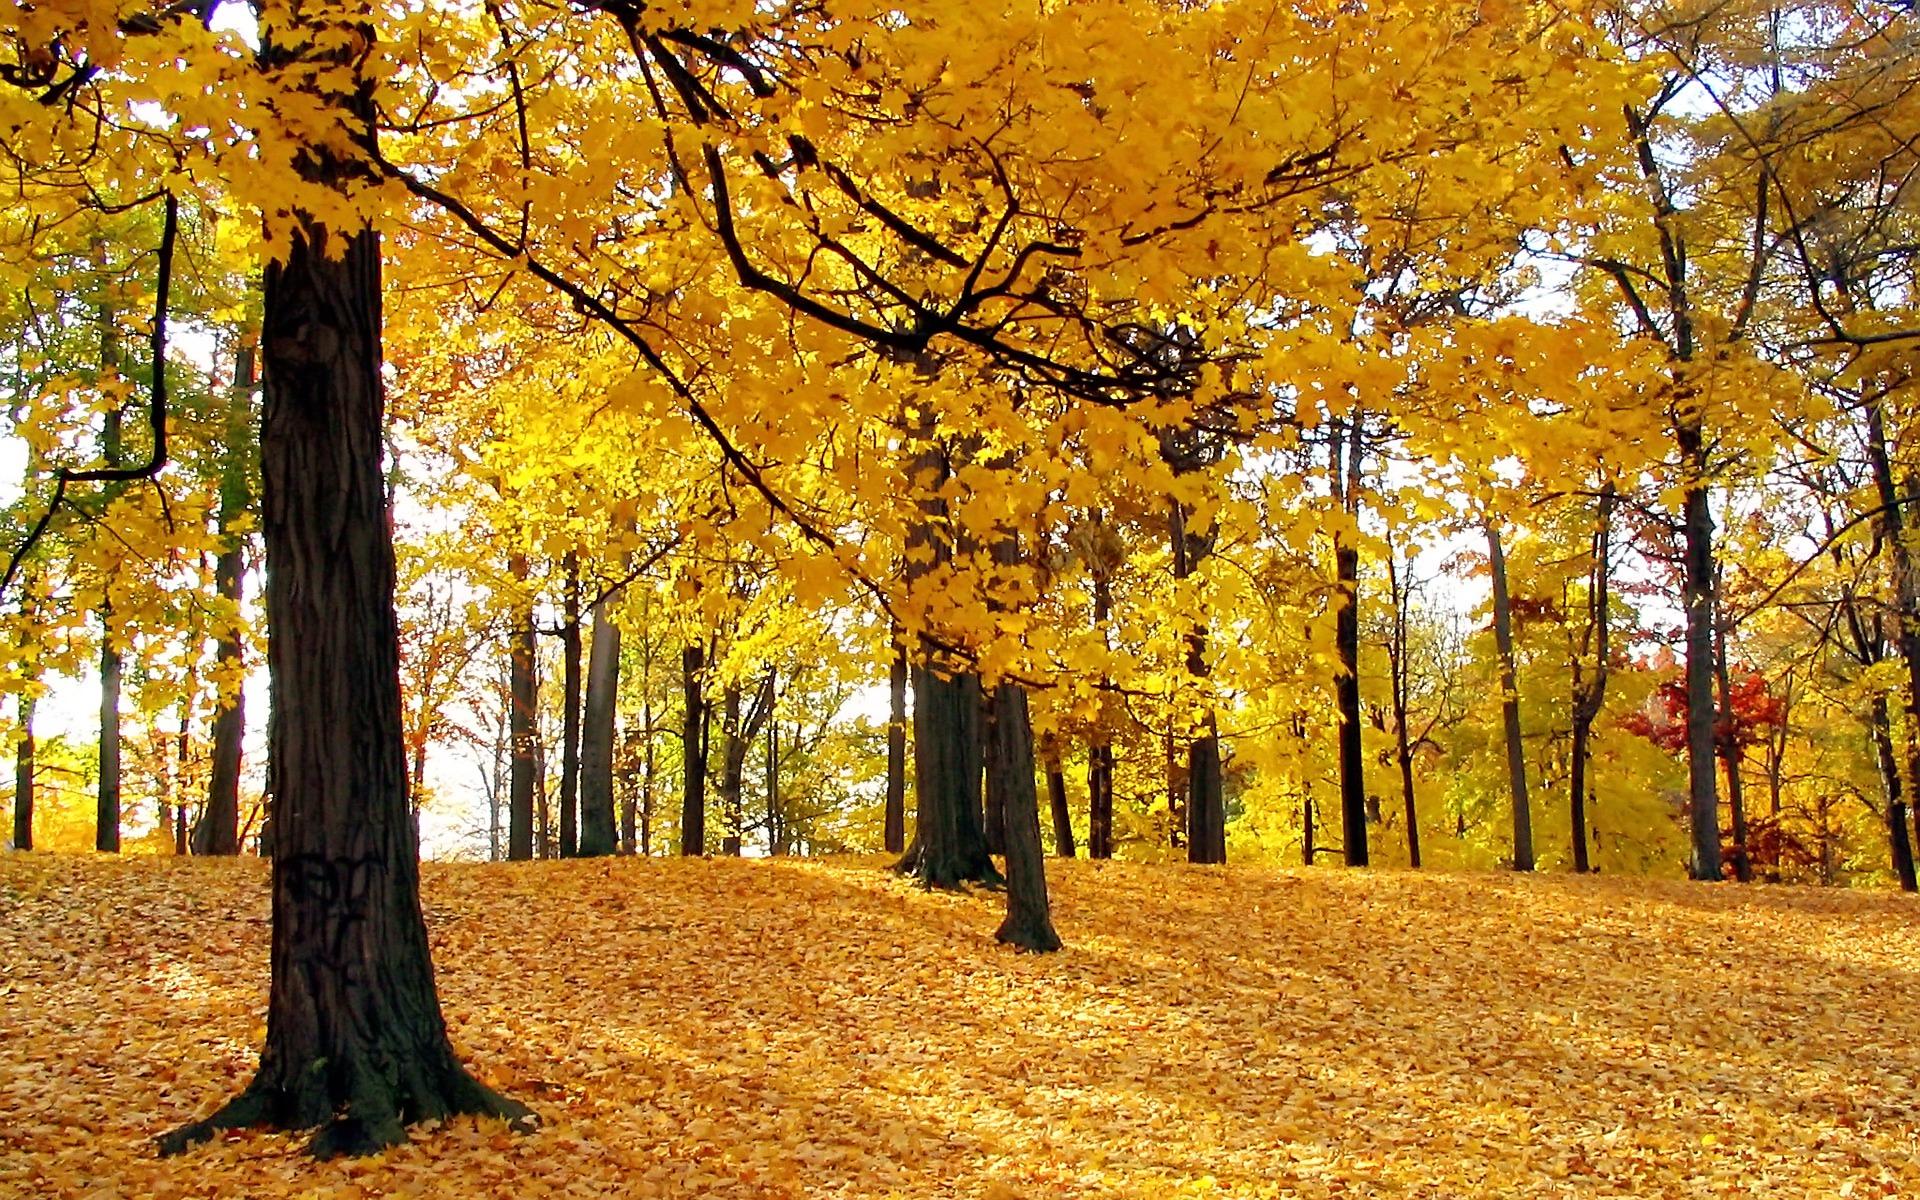 autumn-trees-wallpaper-autumn-nature_00431167_20151004192535449.jpg